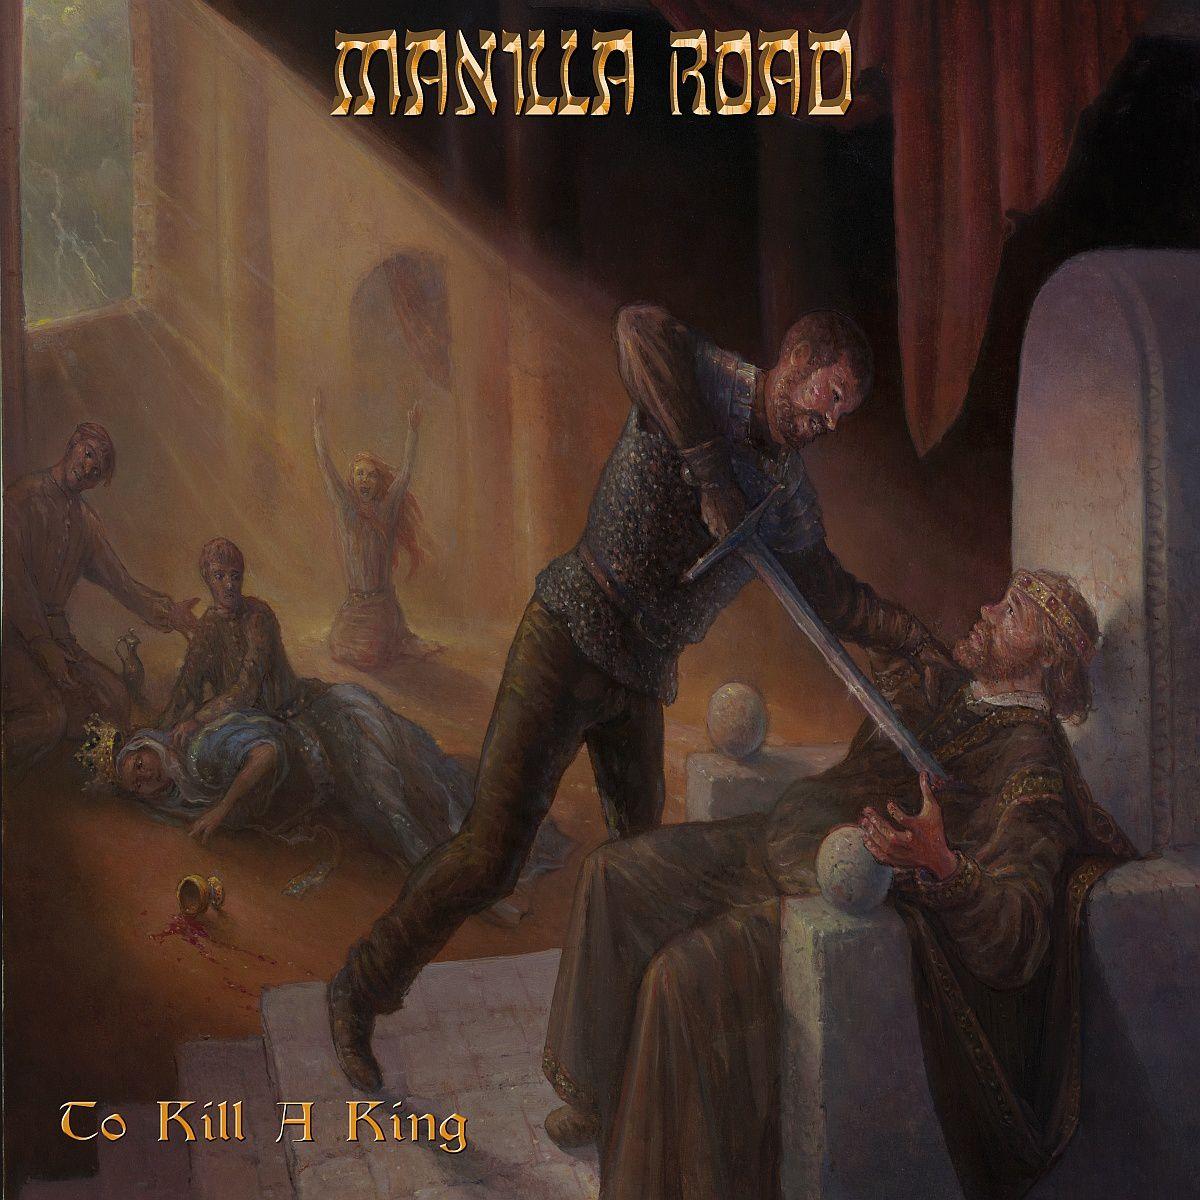 MANILLA ROAD announces a new album